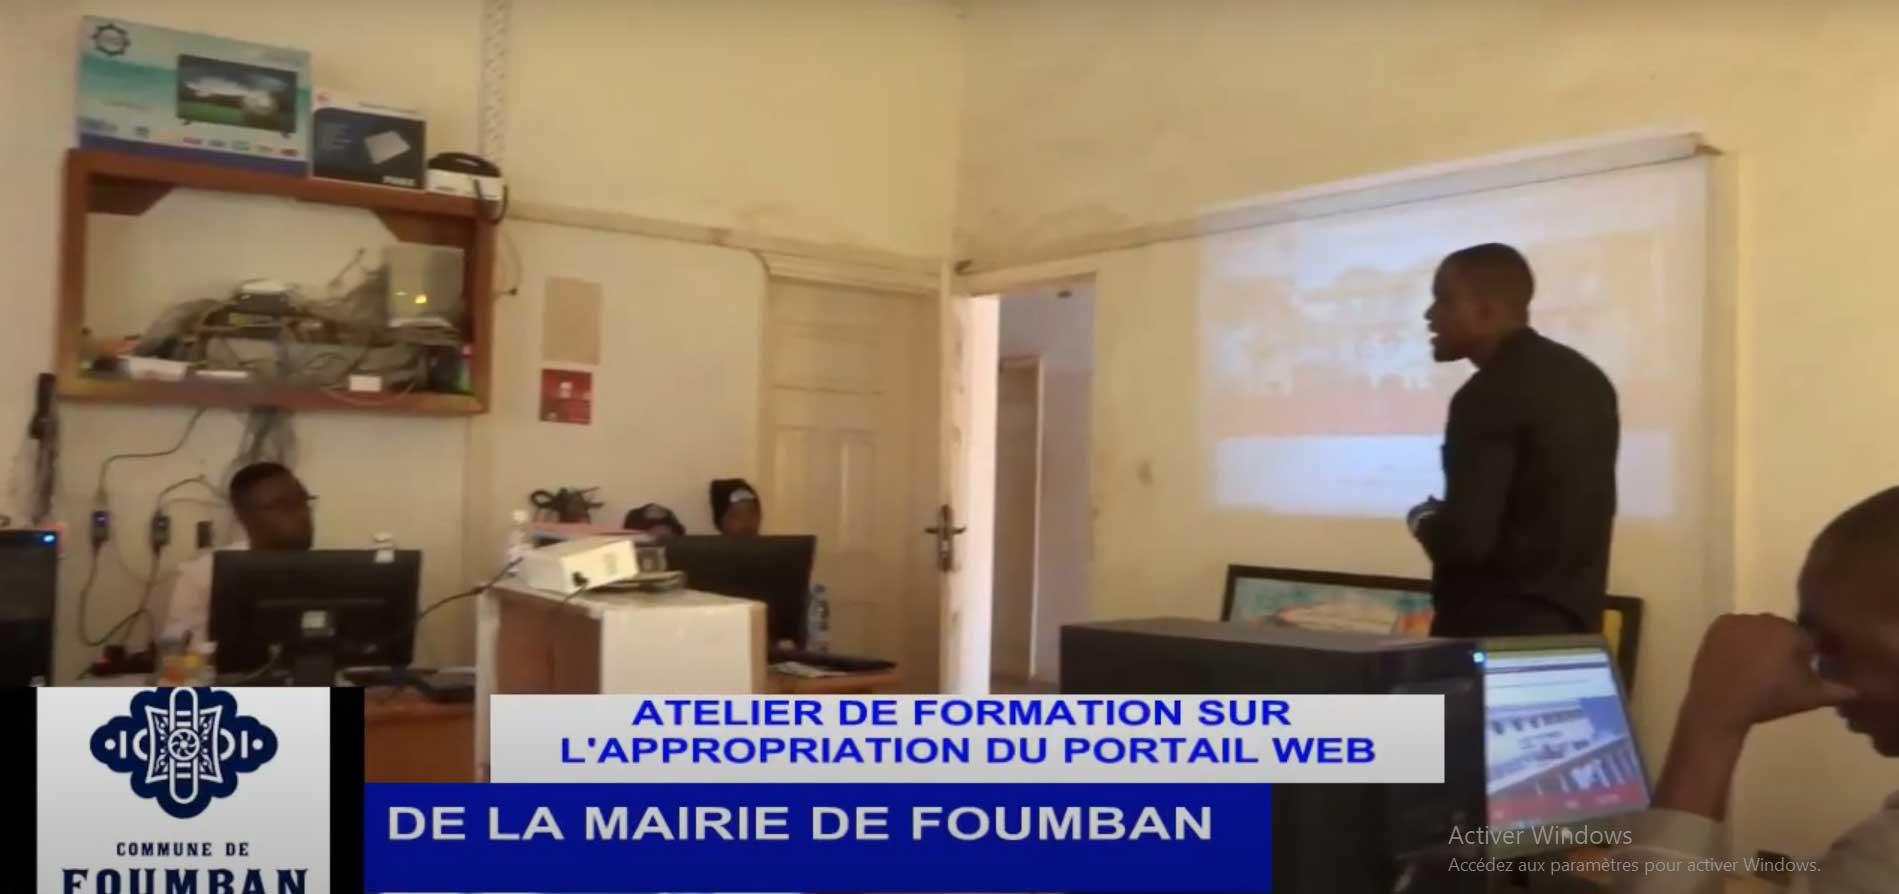 Atelier de Formation sur l'appropriation du Portail Web de la Mairie de Foumban